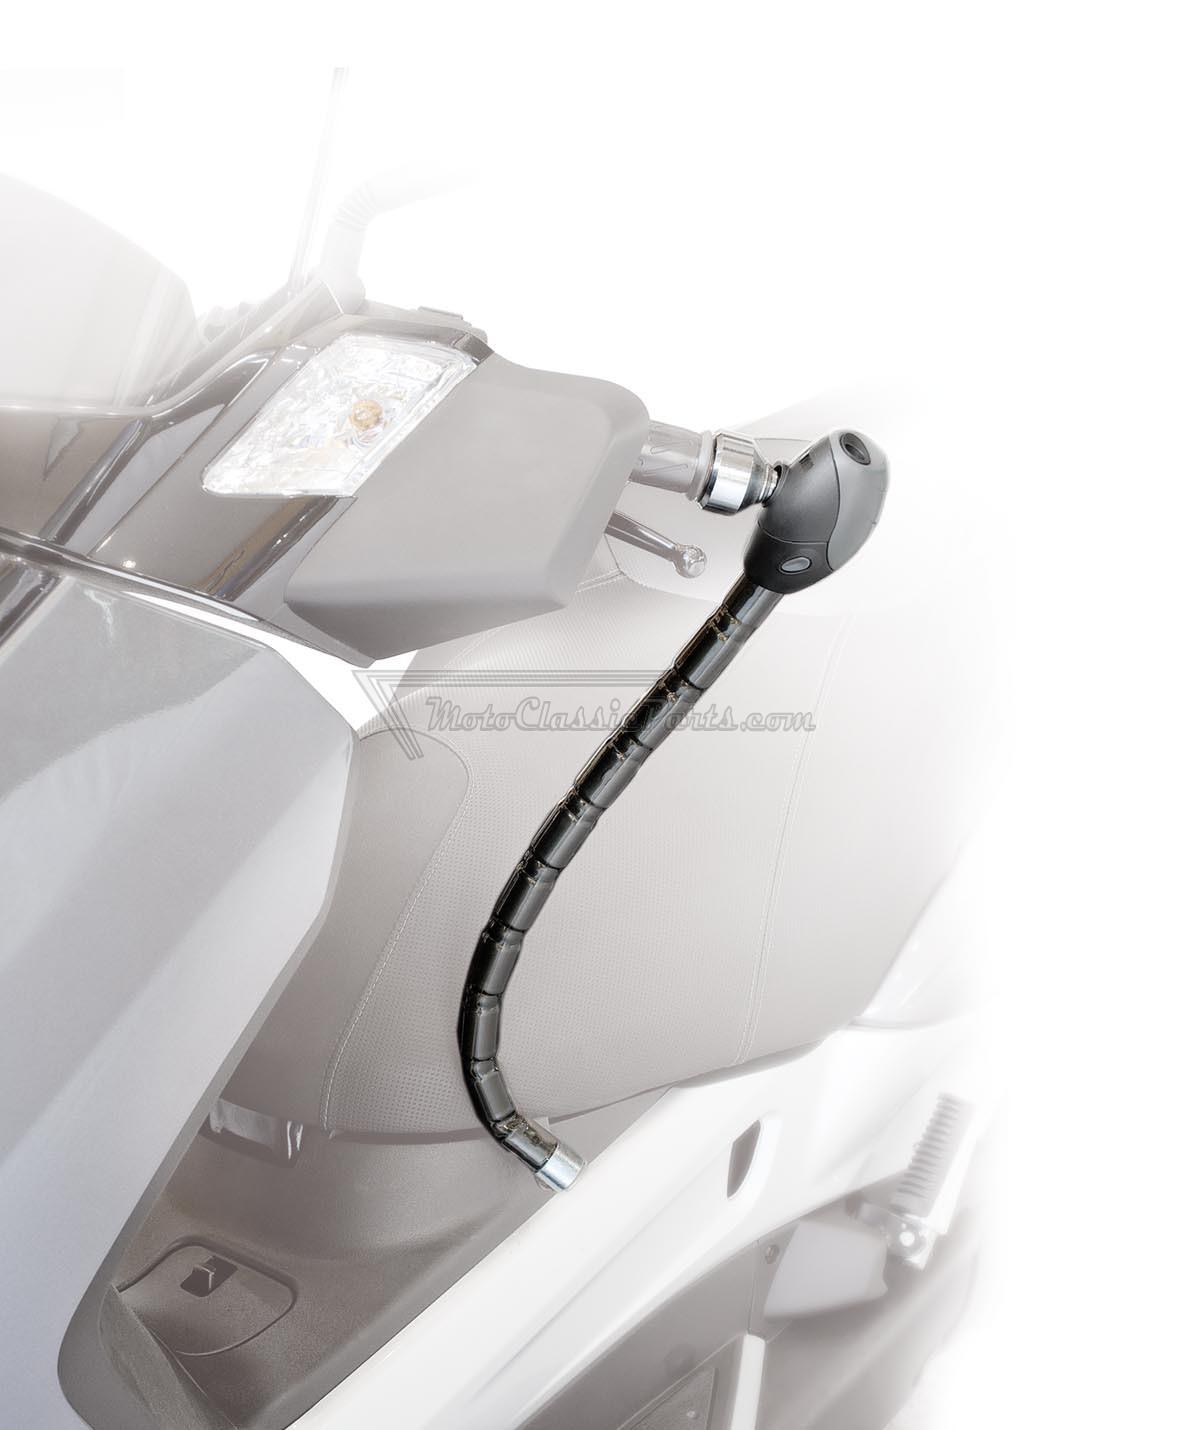 CANDADO LUMA MANILLAR B-SCOOT Yamaha T-Max (2001-2007)